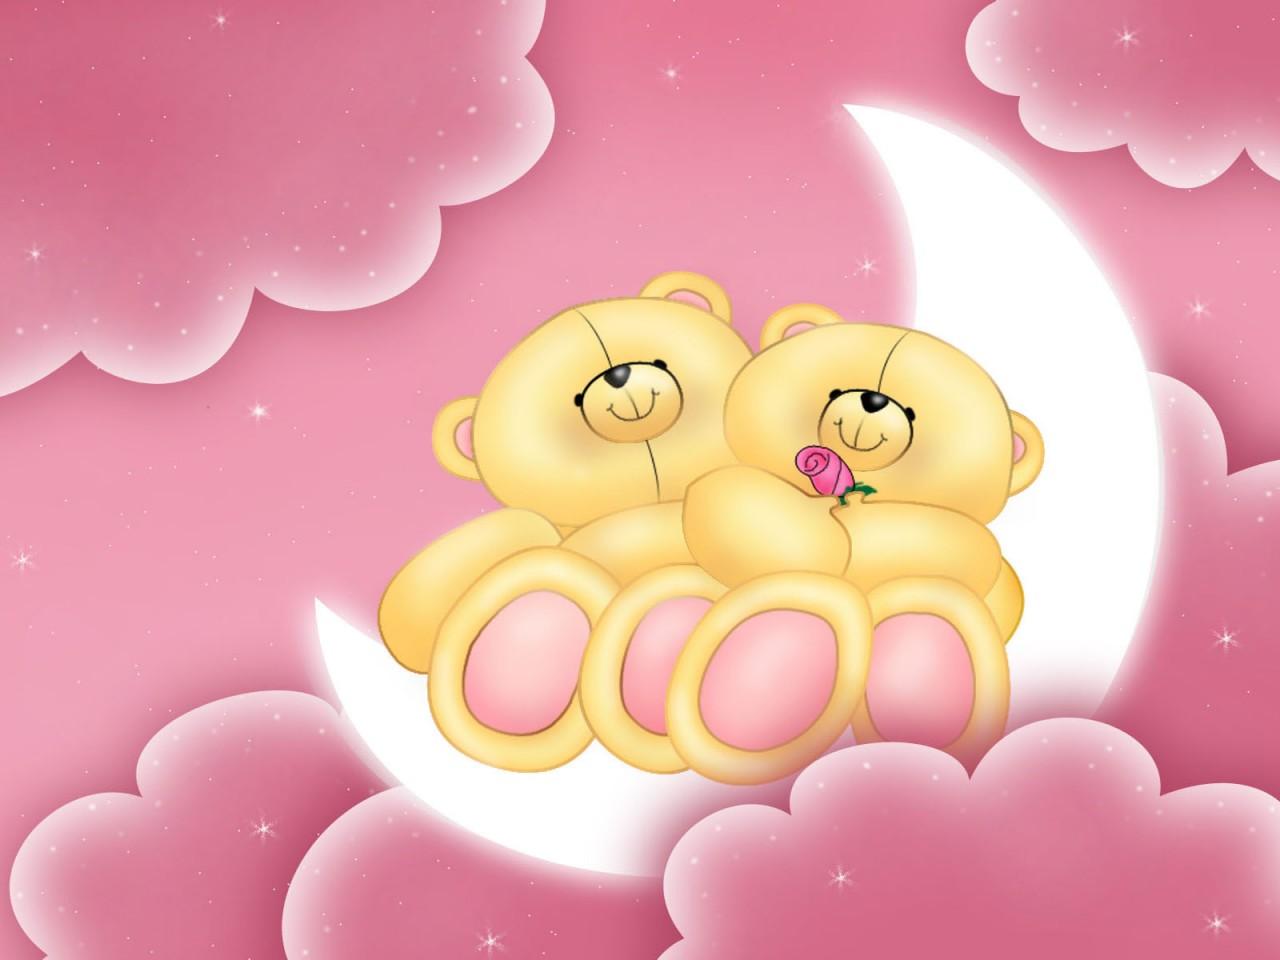 Những hình ảnh tình yêu dễ thương 8